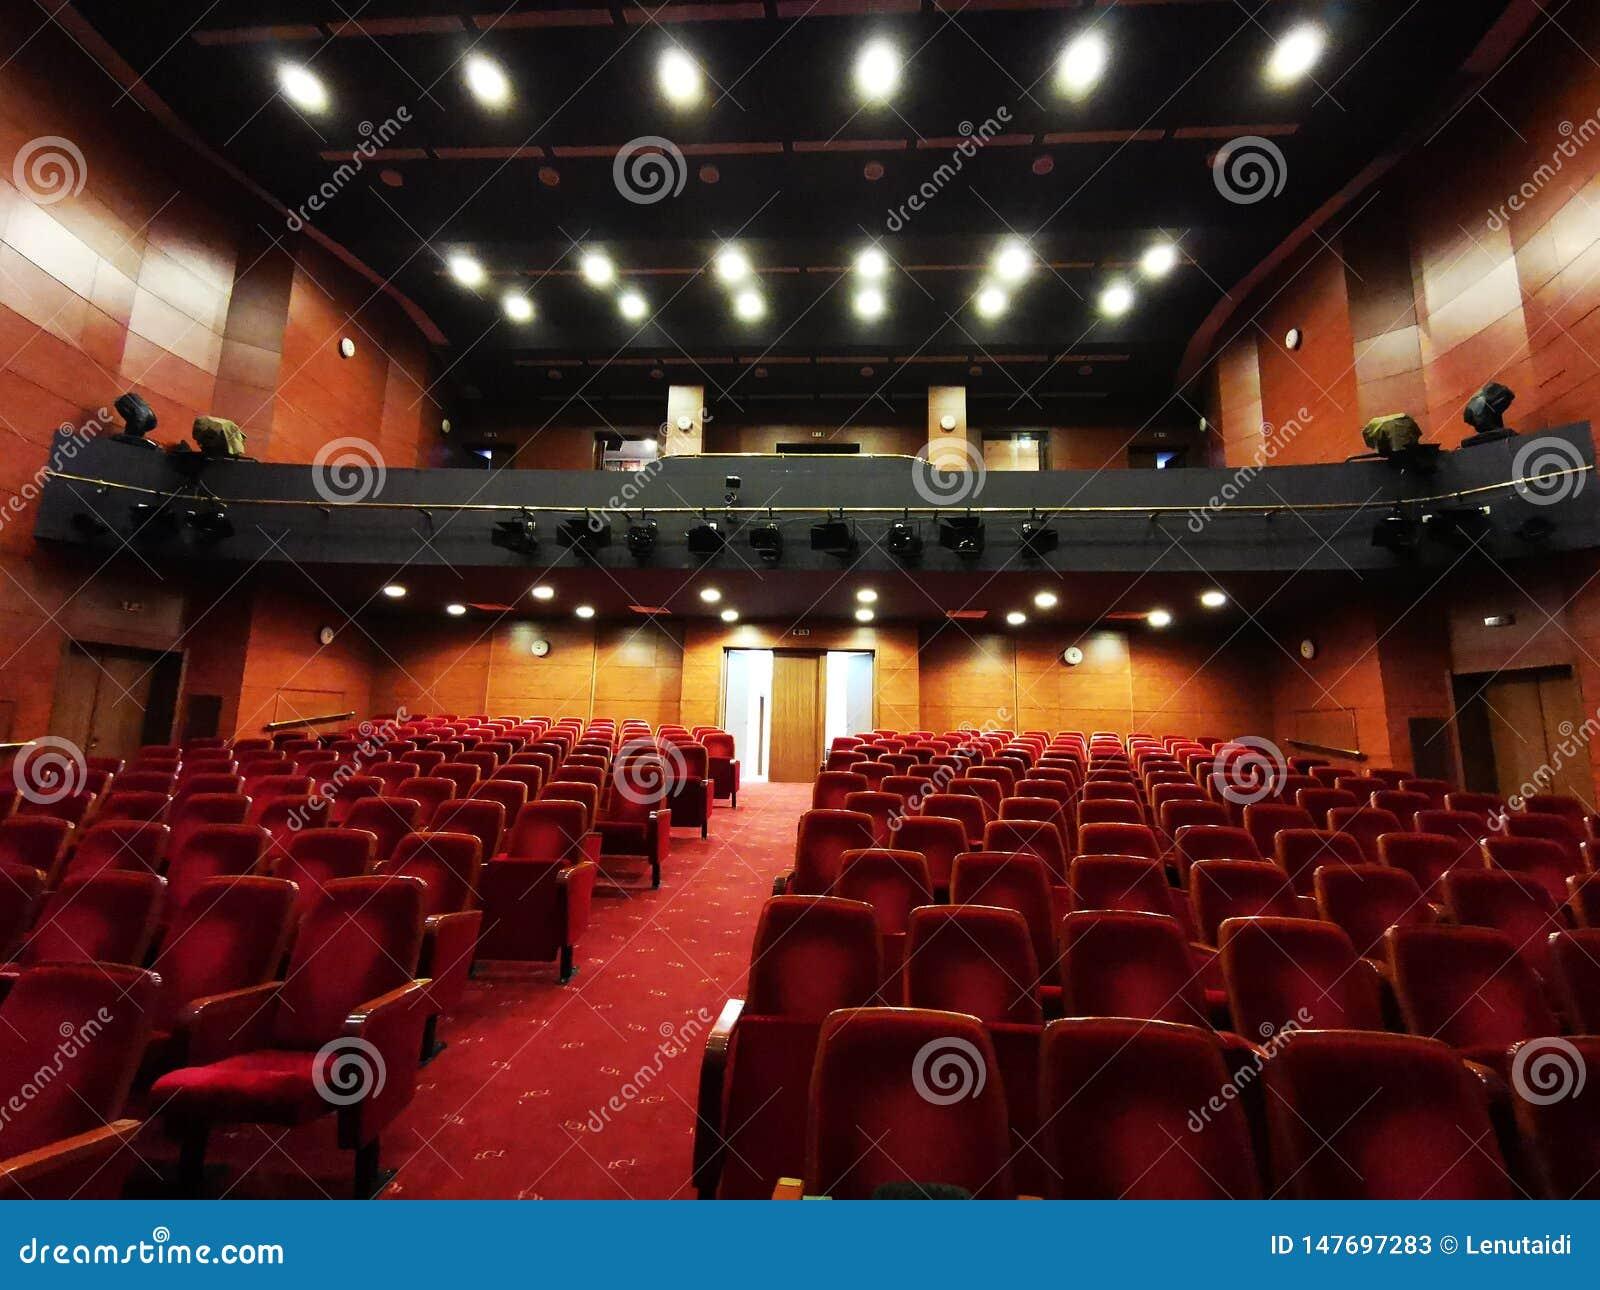 Die leere Theaterhalle - helle Lichter